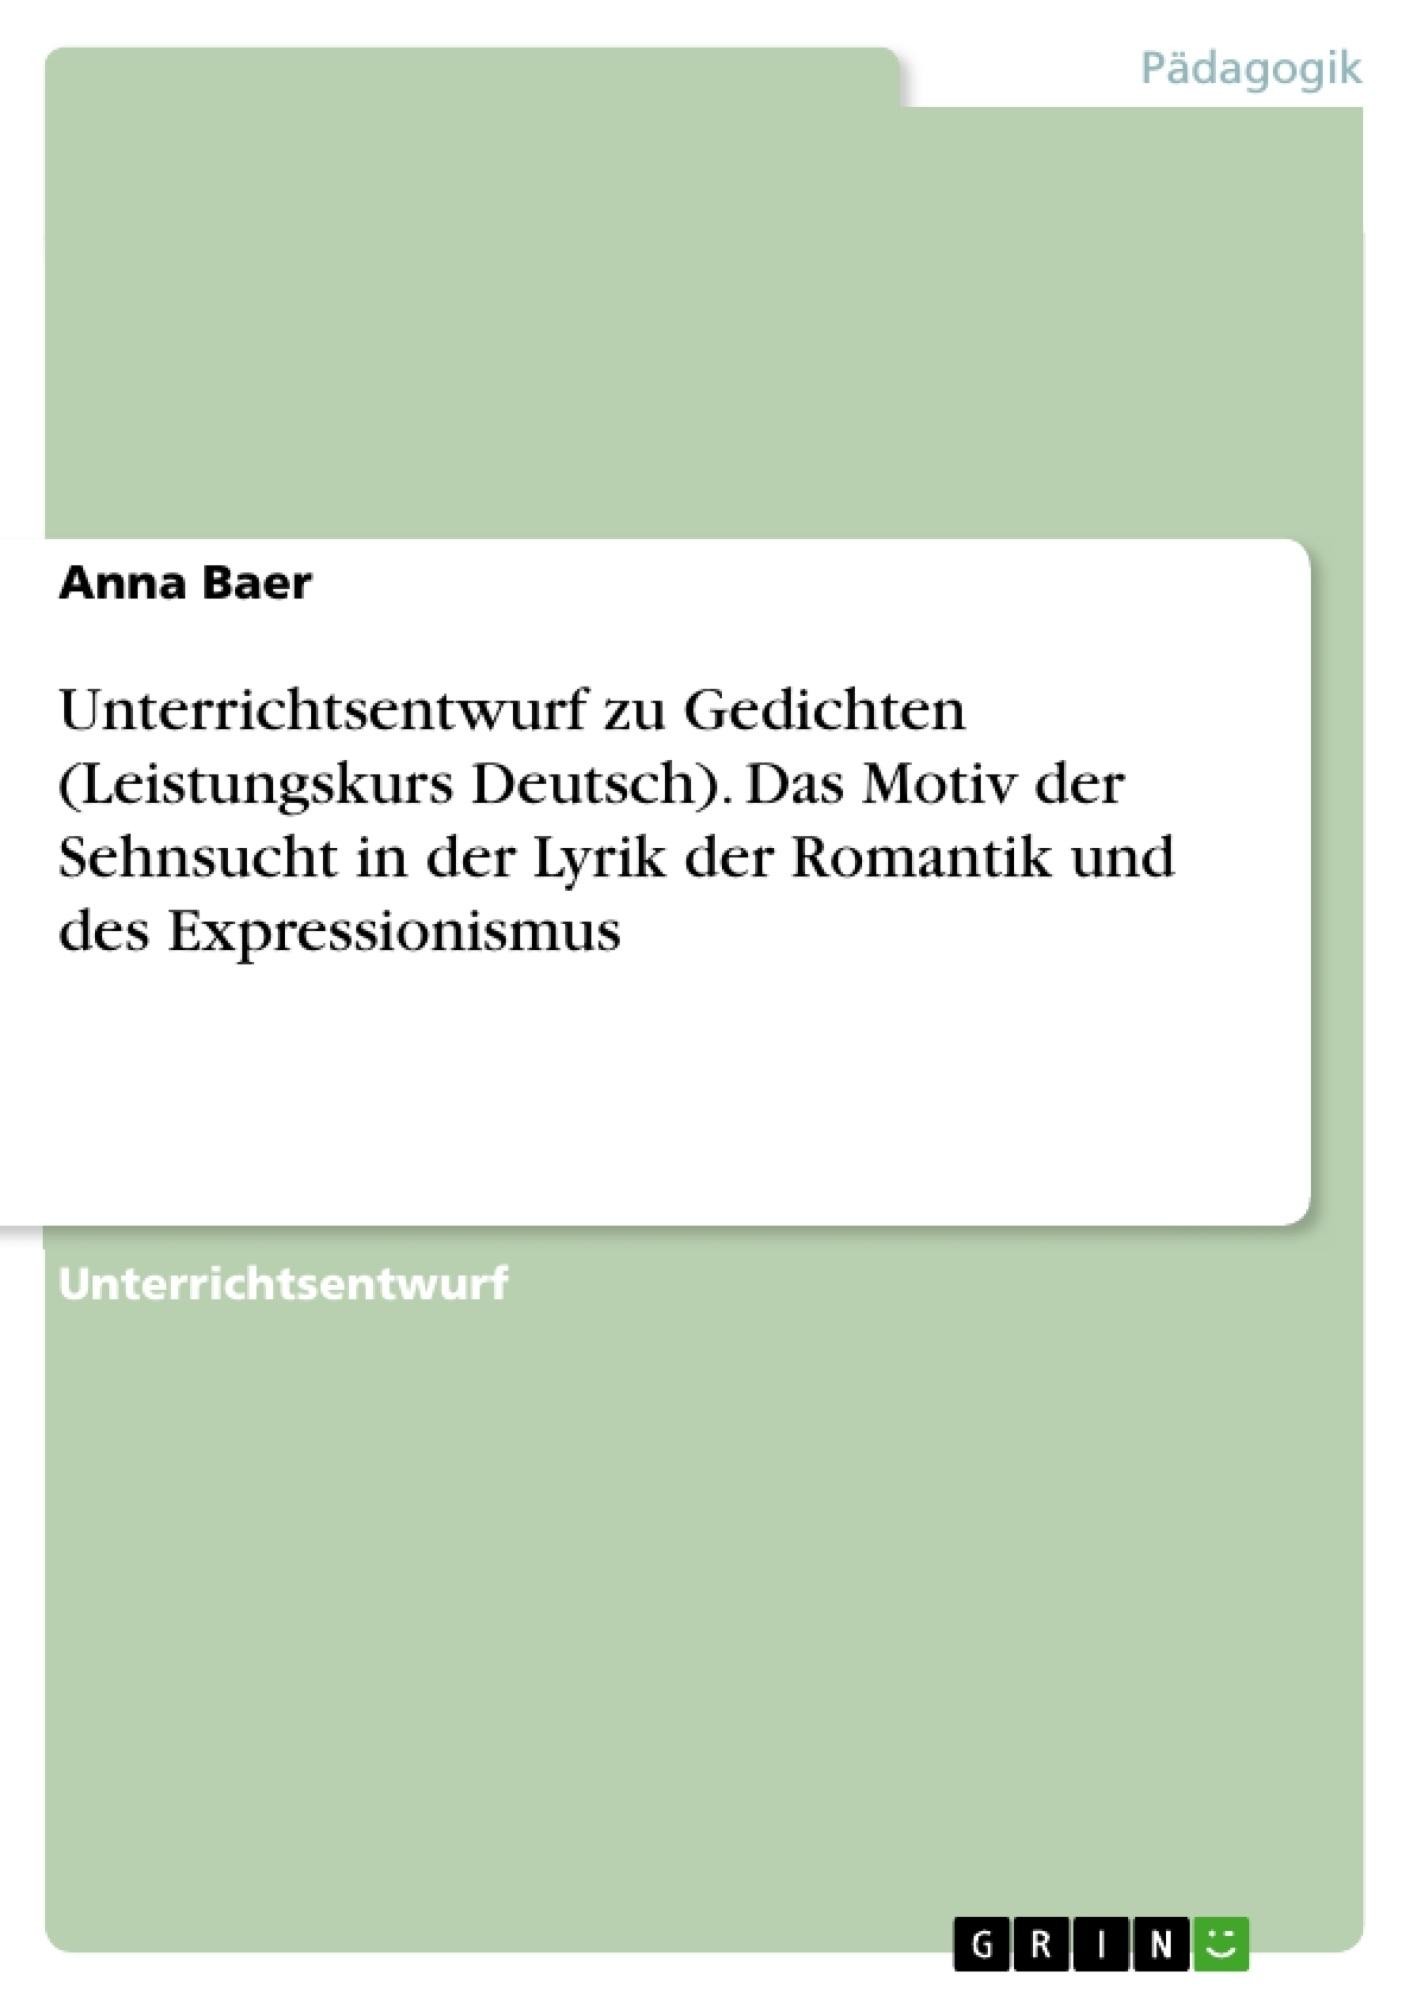 Titel: Unterrichtsentwurf zu Gedichten (Leistungskurs Deutsch). Das Motiv der Sehnsucht in der Lyrik der Romantik und des Expressionismus